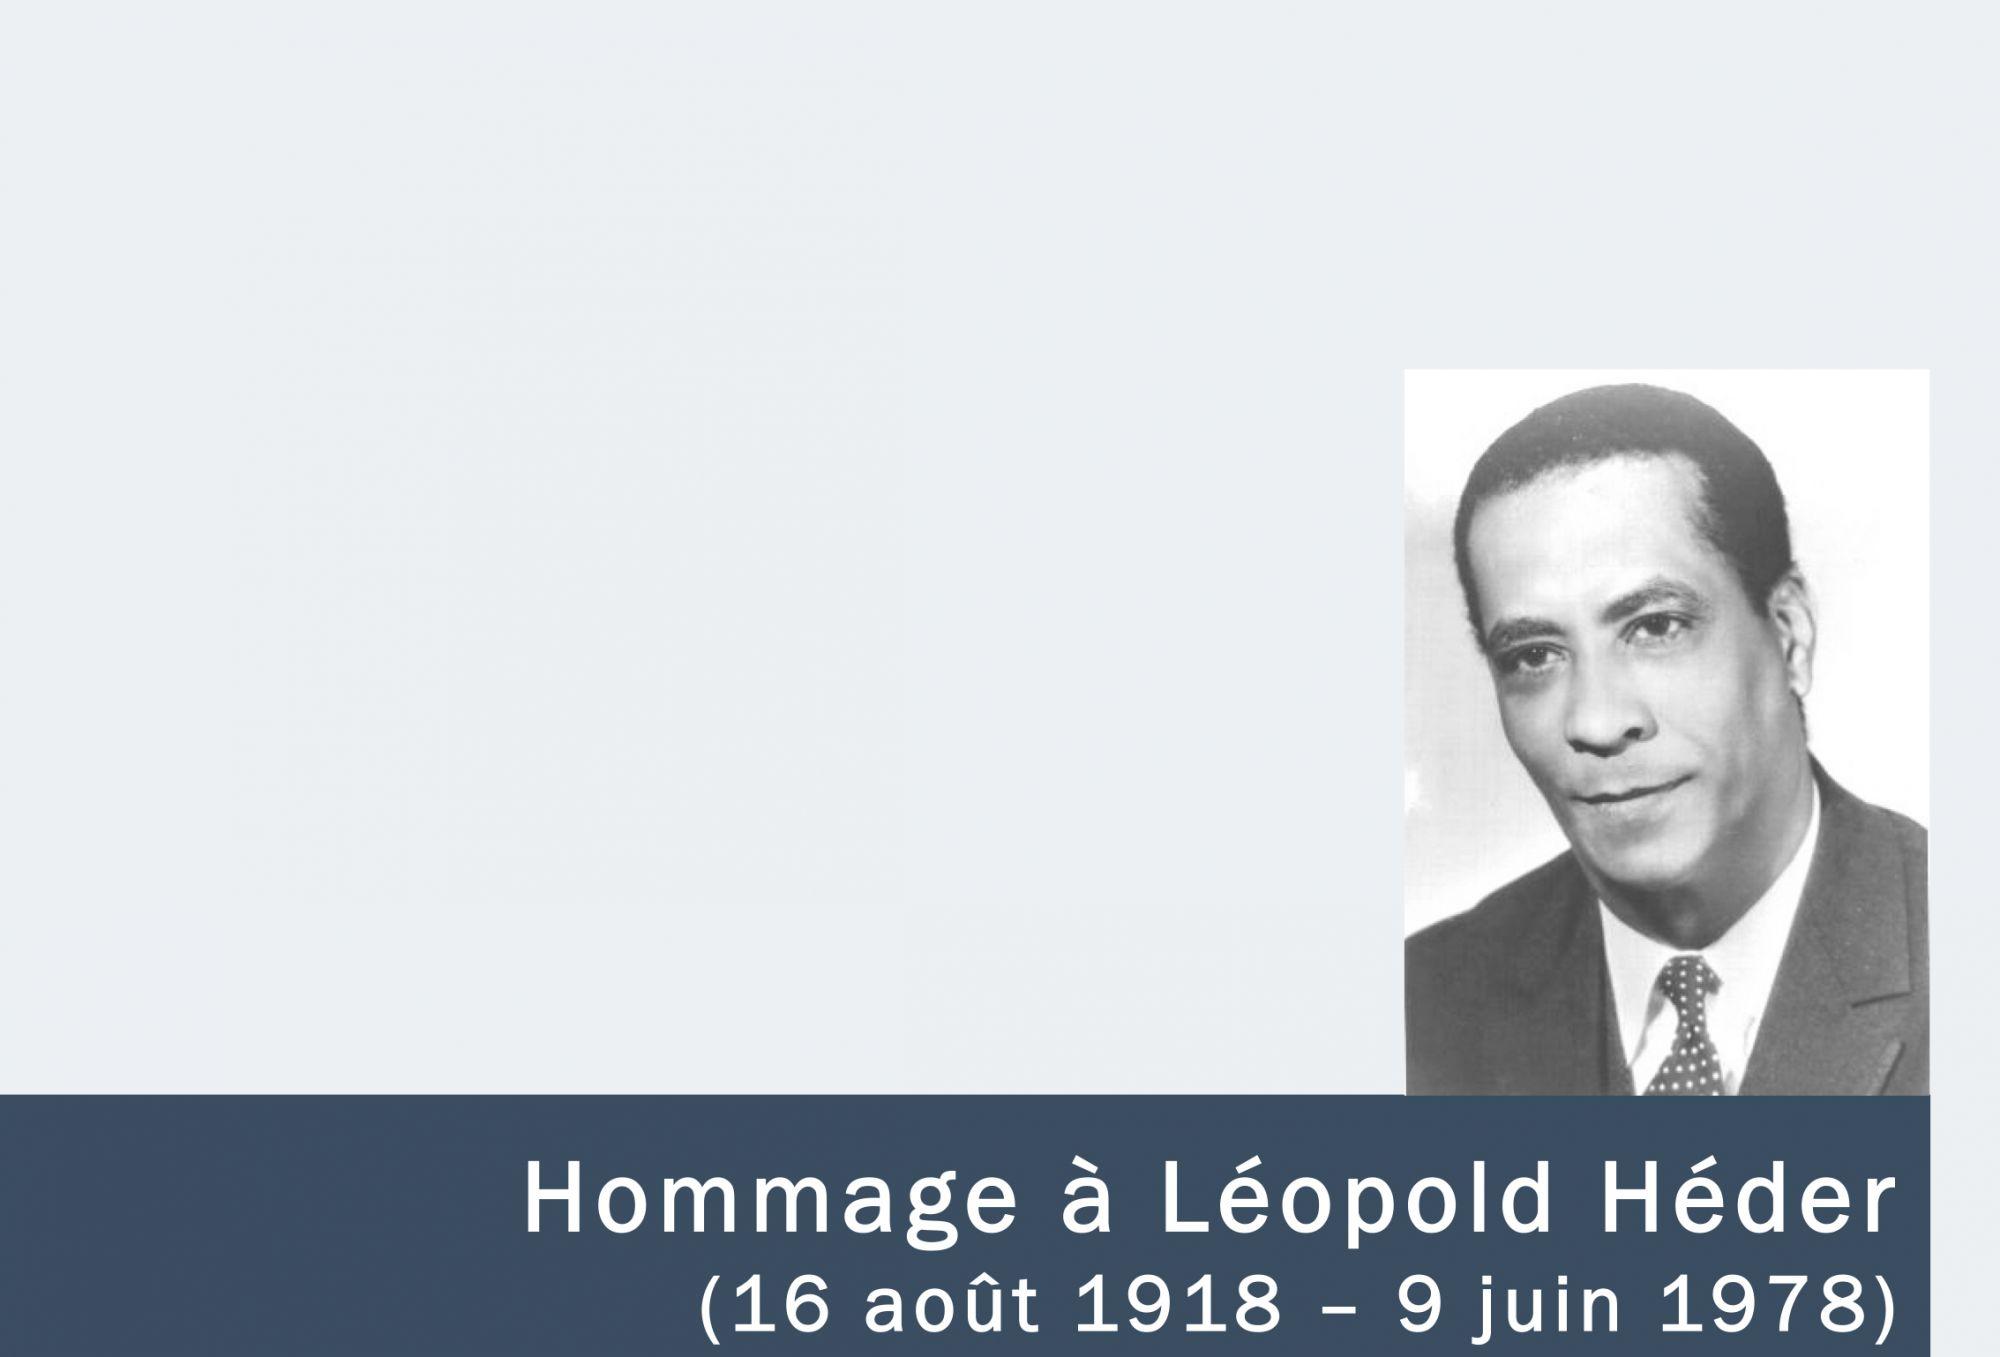 Hommage à Léopold Héder : Itinéraire d'un homme libre